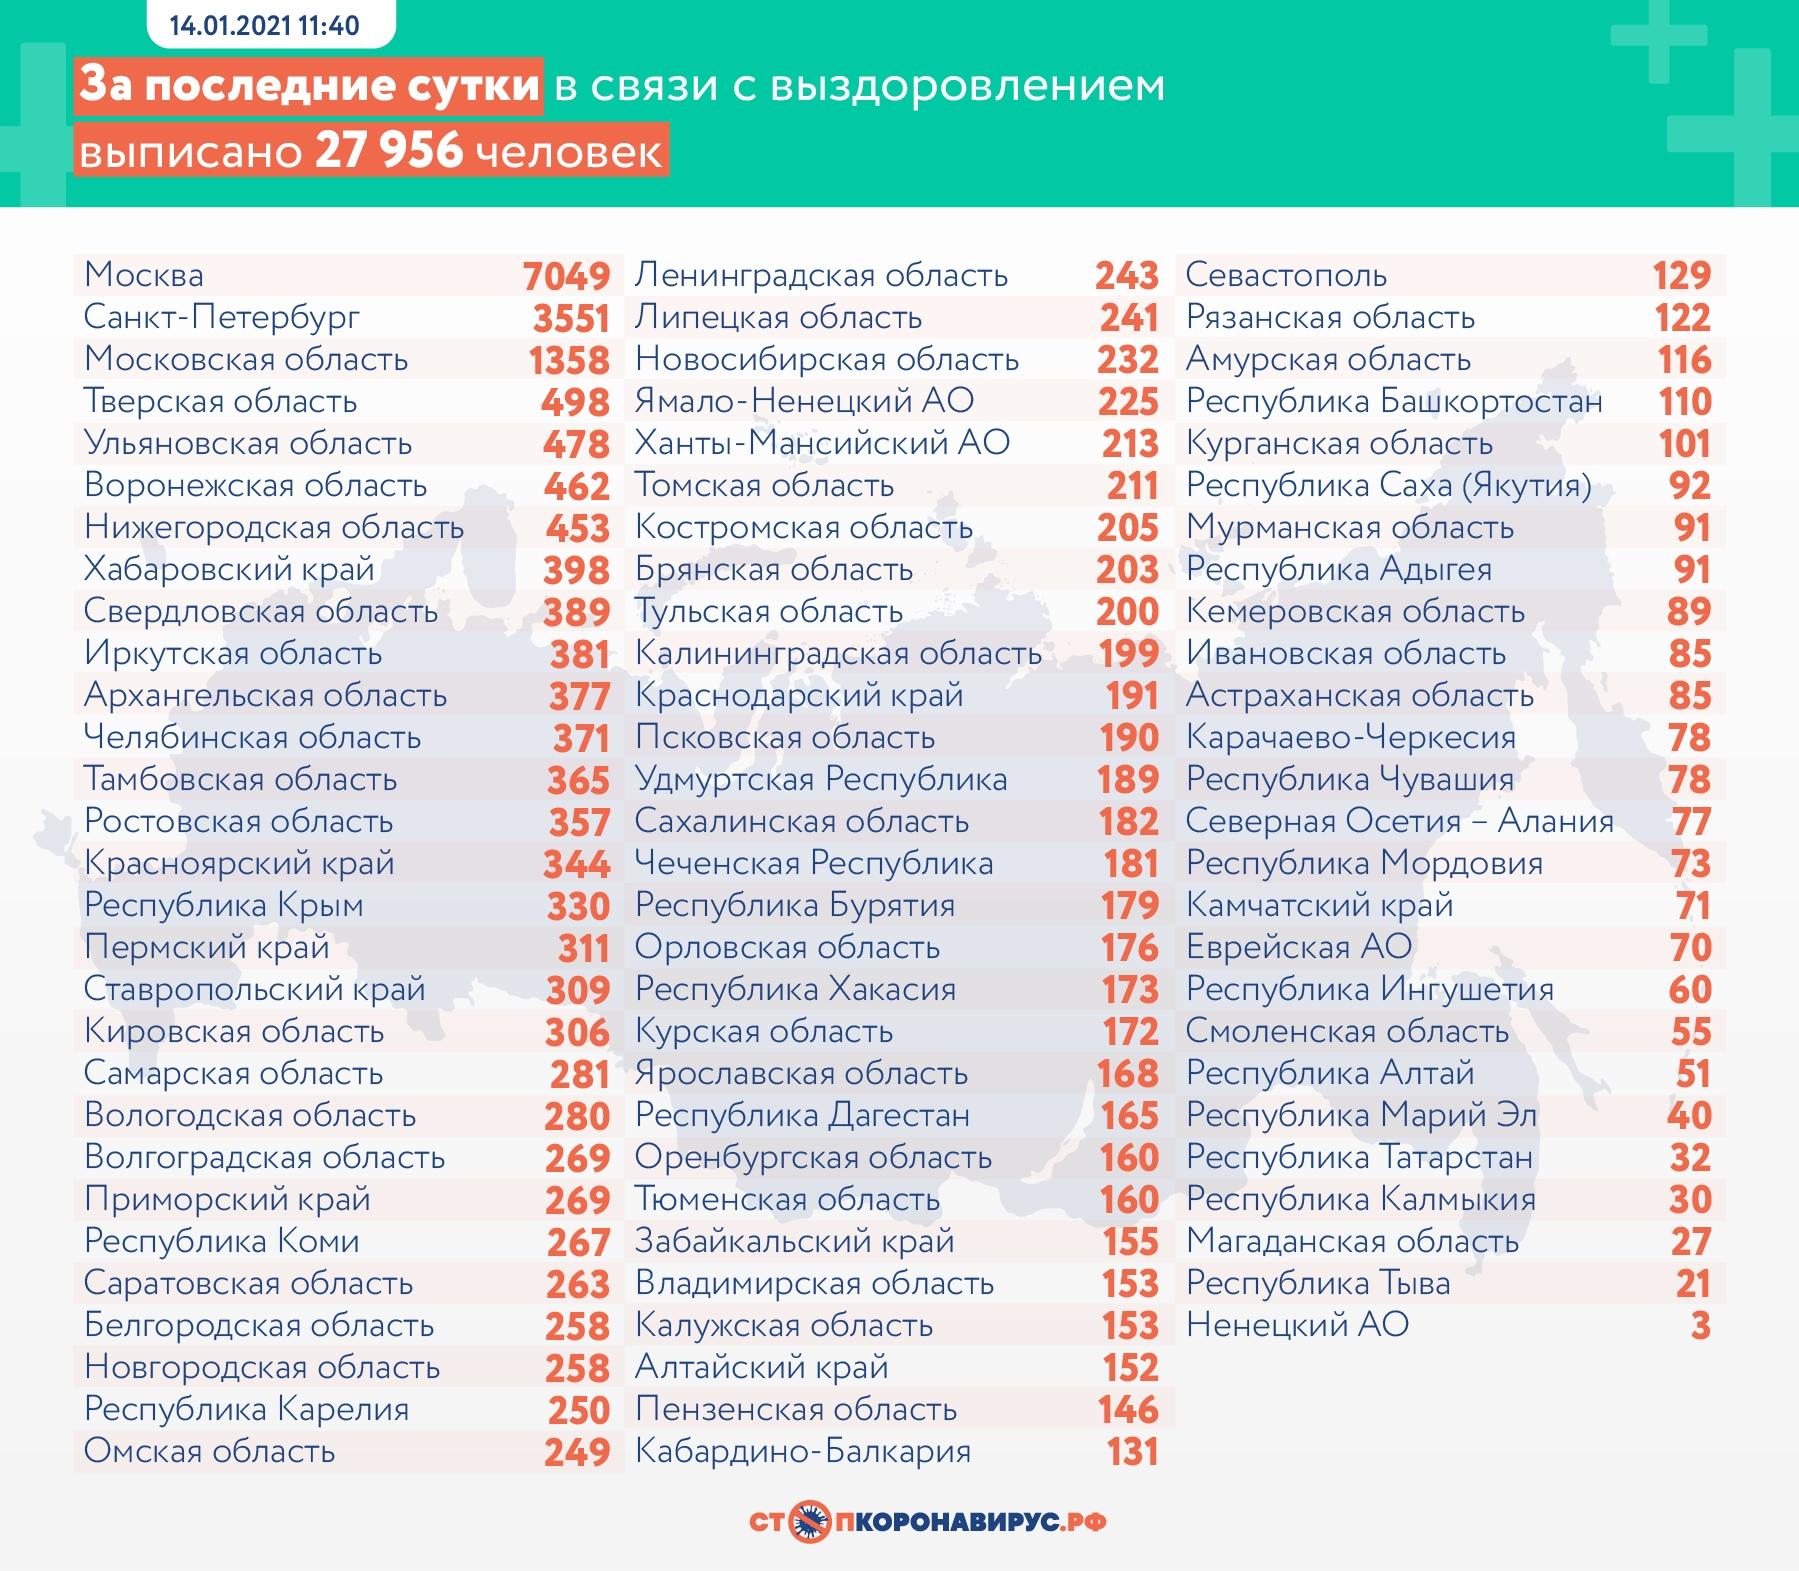 За последние сутки в России выявлено 24 763 случая COVID-19 в 85 регионах, из них 3 426 (13,8%) — активно у контактных лиц без клинических проявлений болезни.